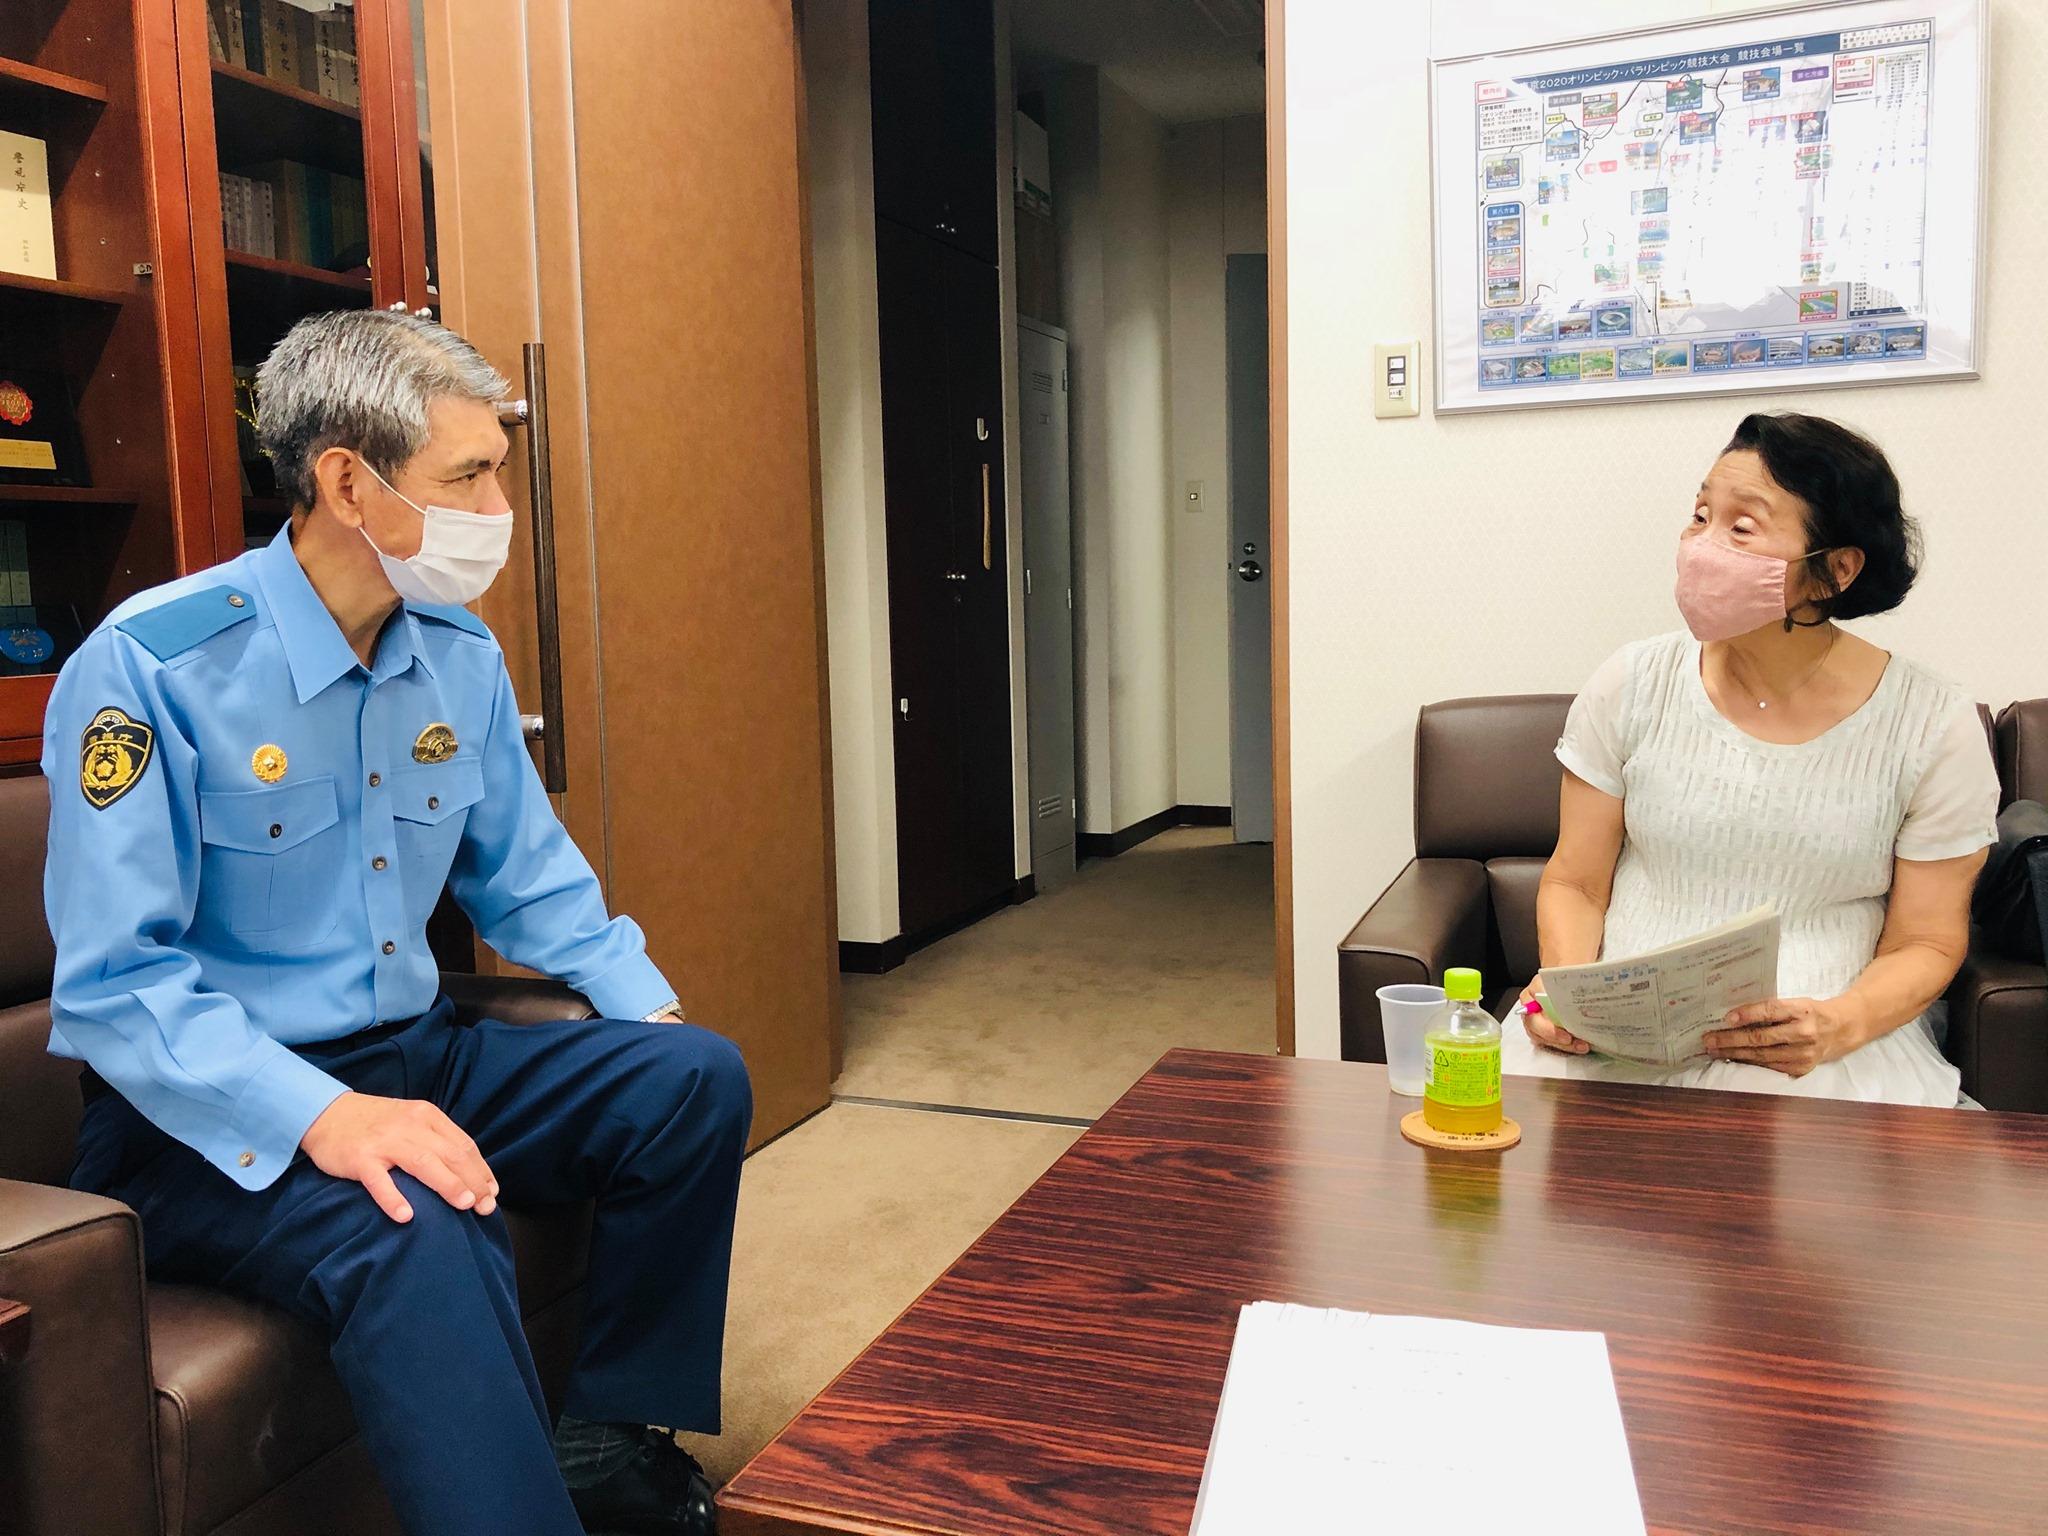 三鷹警察署を訪問し三鷹市での犯罪情勢を確認しました。